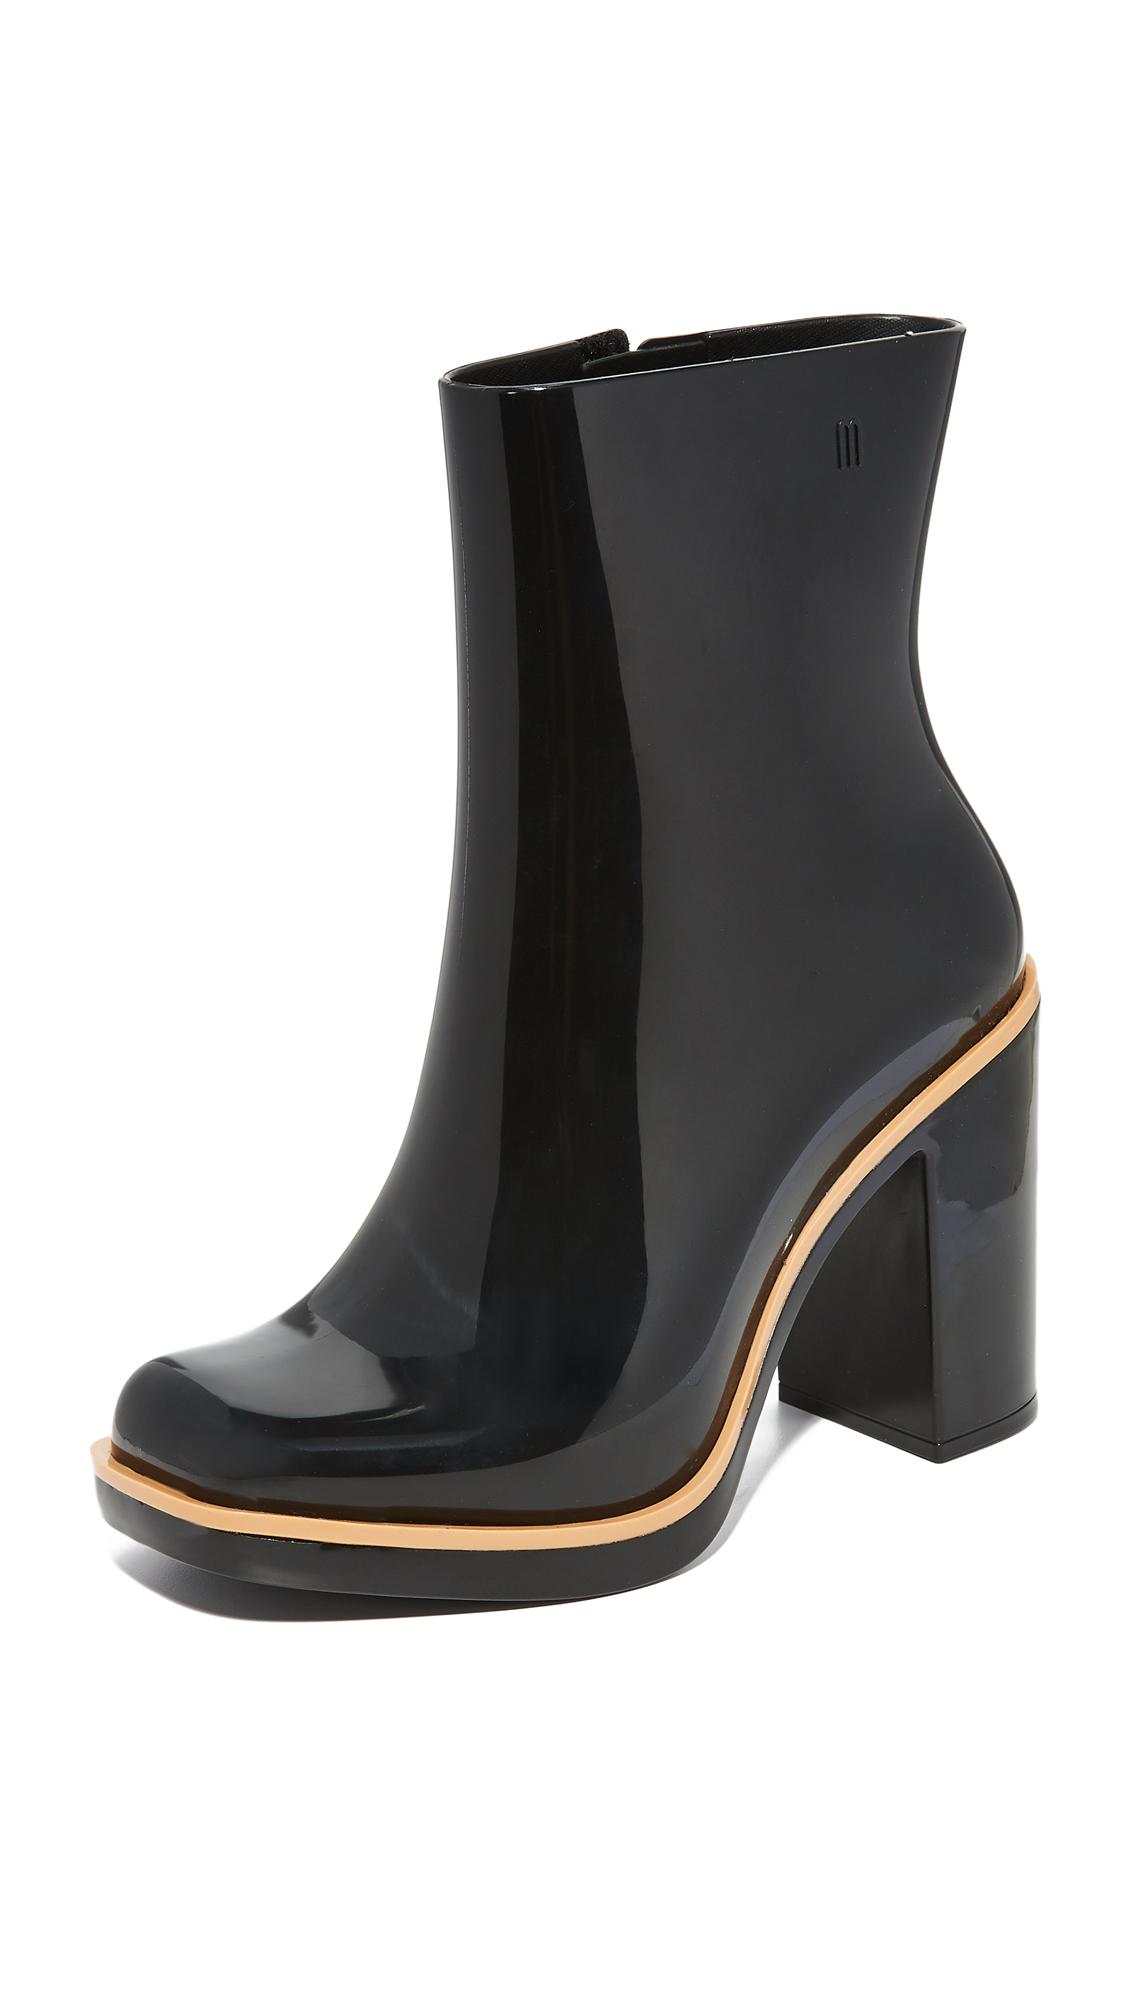 Melissa Classic Rain Booties - Black/Beige